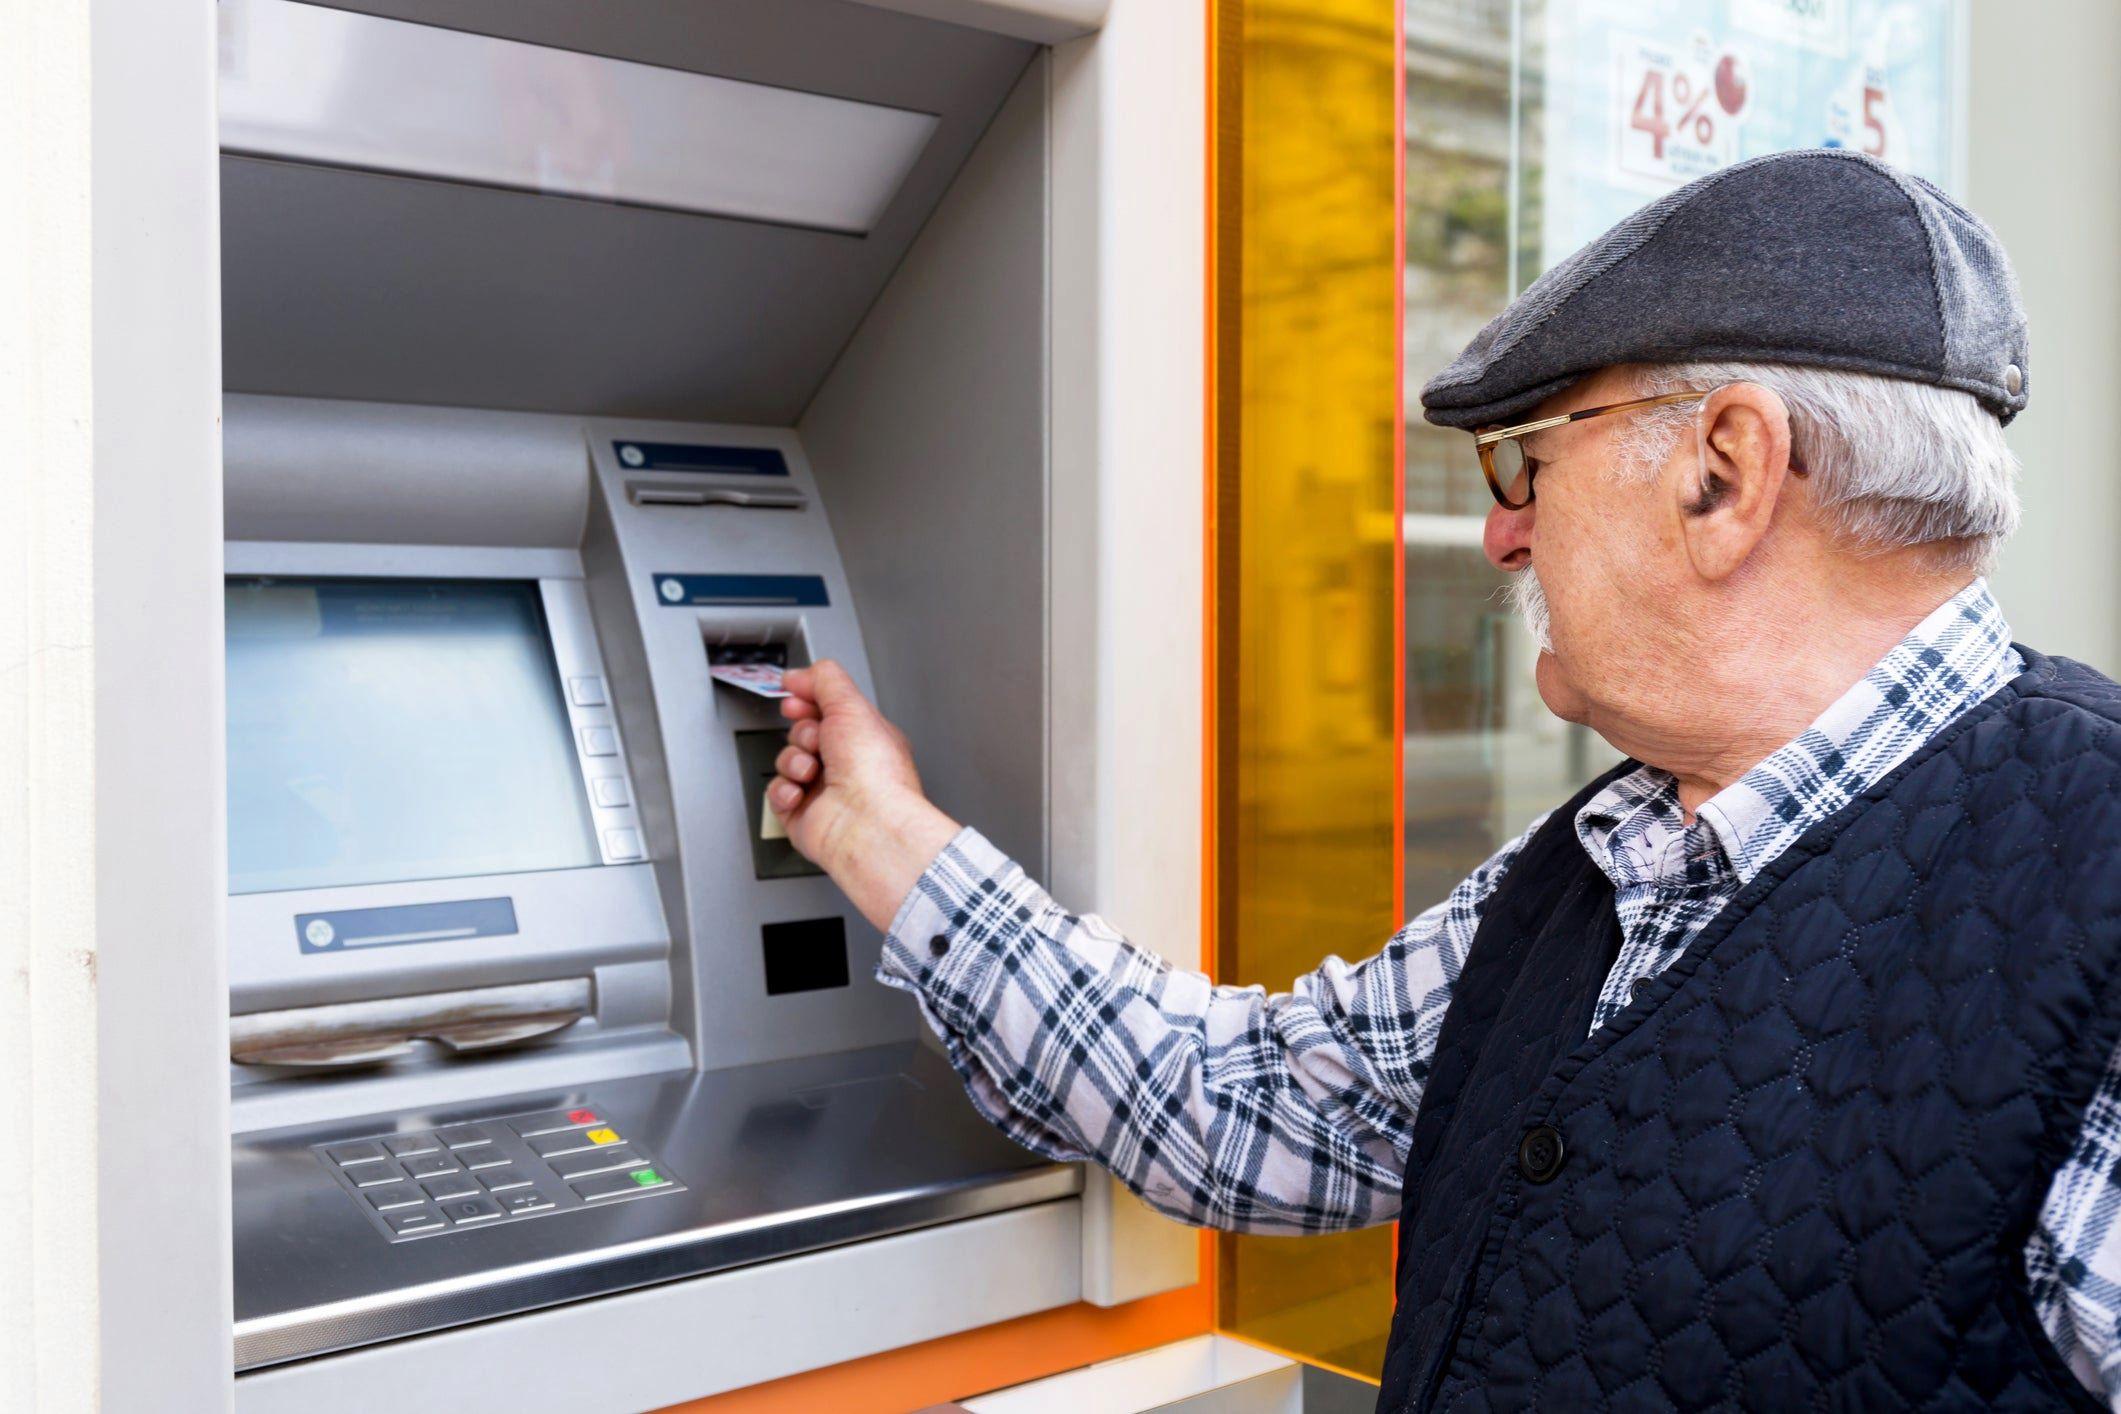 Эксперт рассказали о рисках хранения пенсий на банковской карте